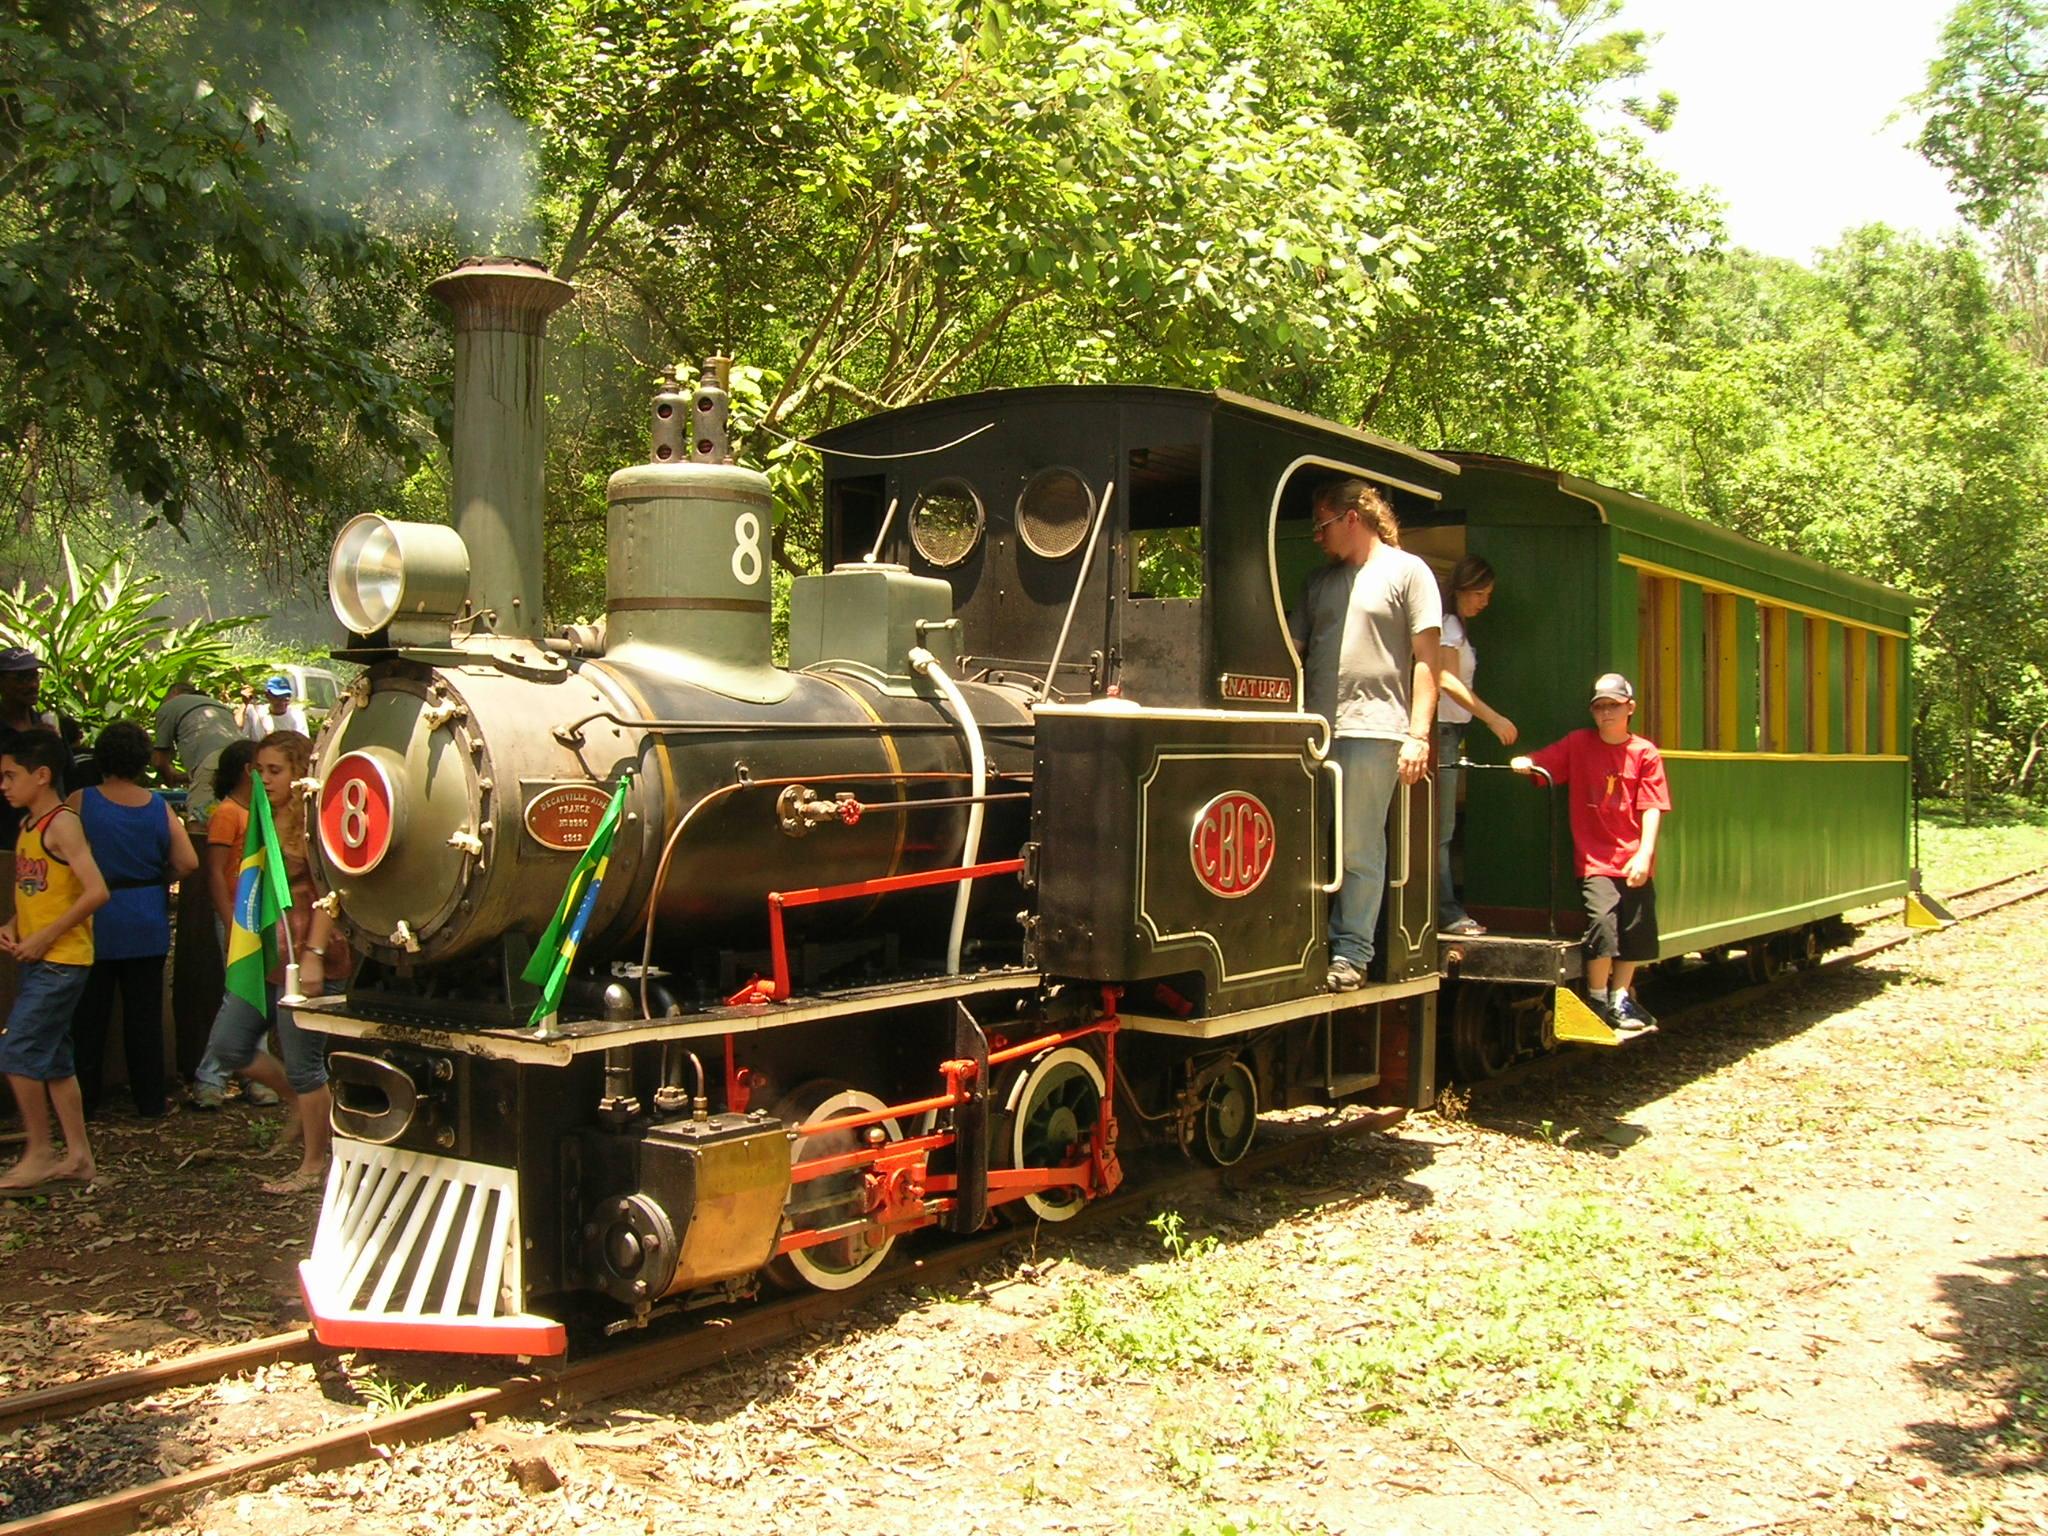 Trem turístico a vapor da Perus Pirapora